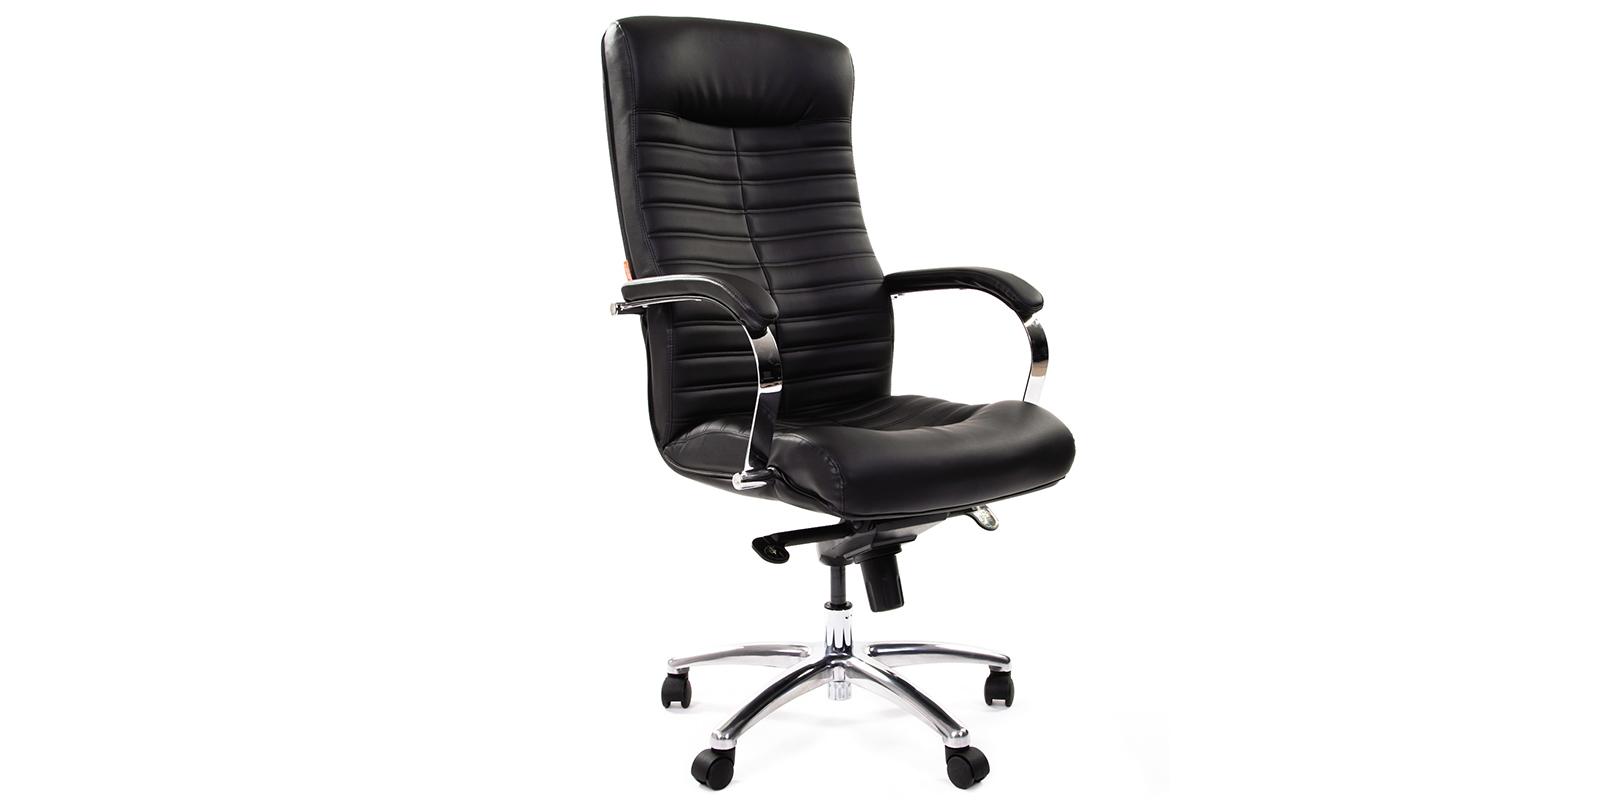 Кресло для руководителя Chairman 480 вариант №1 (черный)